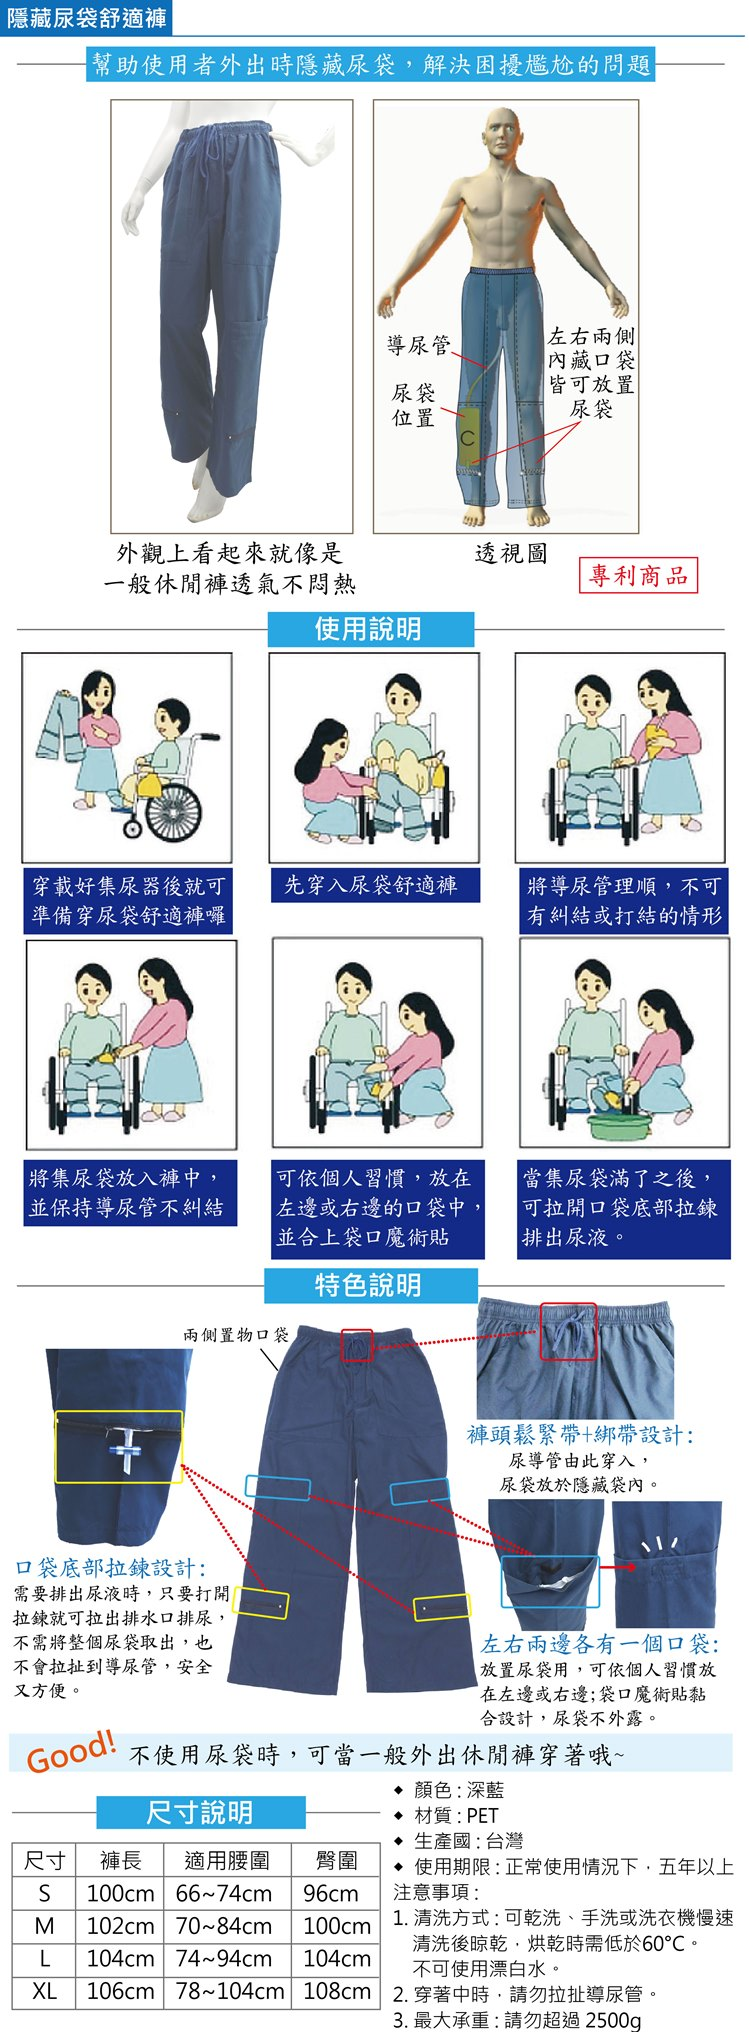 隱藏式尿袋褲:專利尿袋褲;銀髮族、老人用品,尿失禁者使用,舒適、透氣不悶熱,四季皆可穿,可隱藏尿袋,尿袋使用者自在外出,也可當一般休閒褲使用。